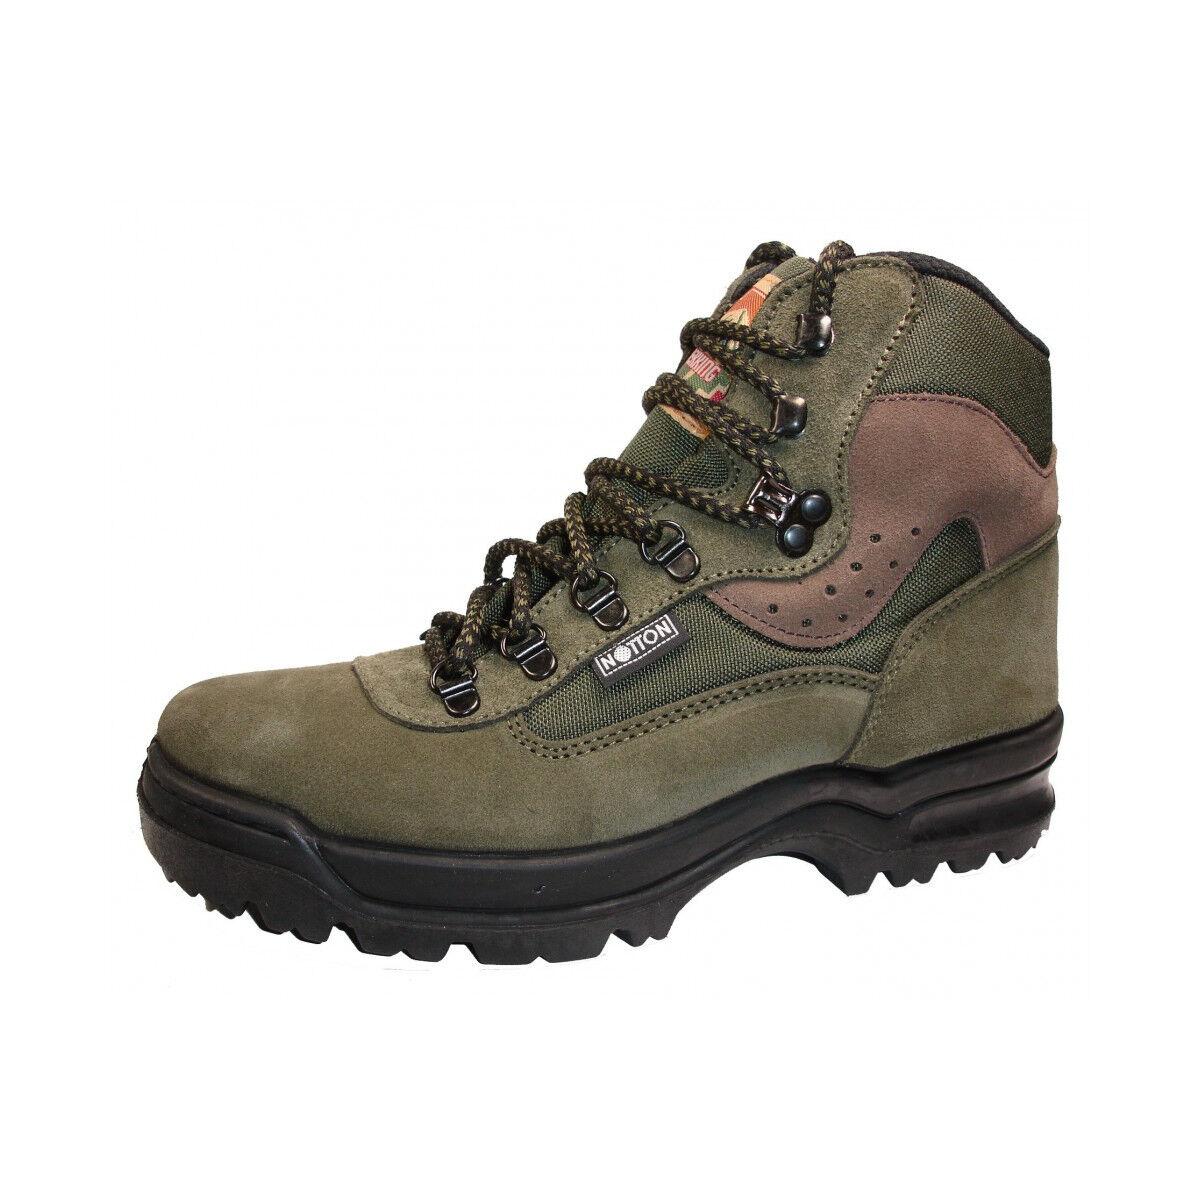 Boots Trekking Mountain Knitting Notton Sizes 36 37 38 39 40 41 42 43 44 45 46